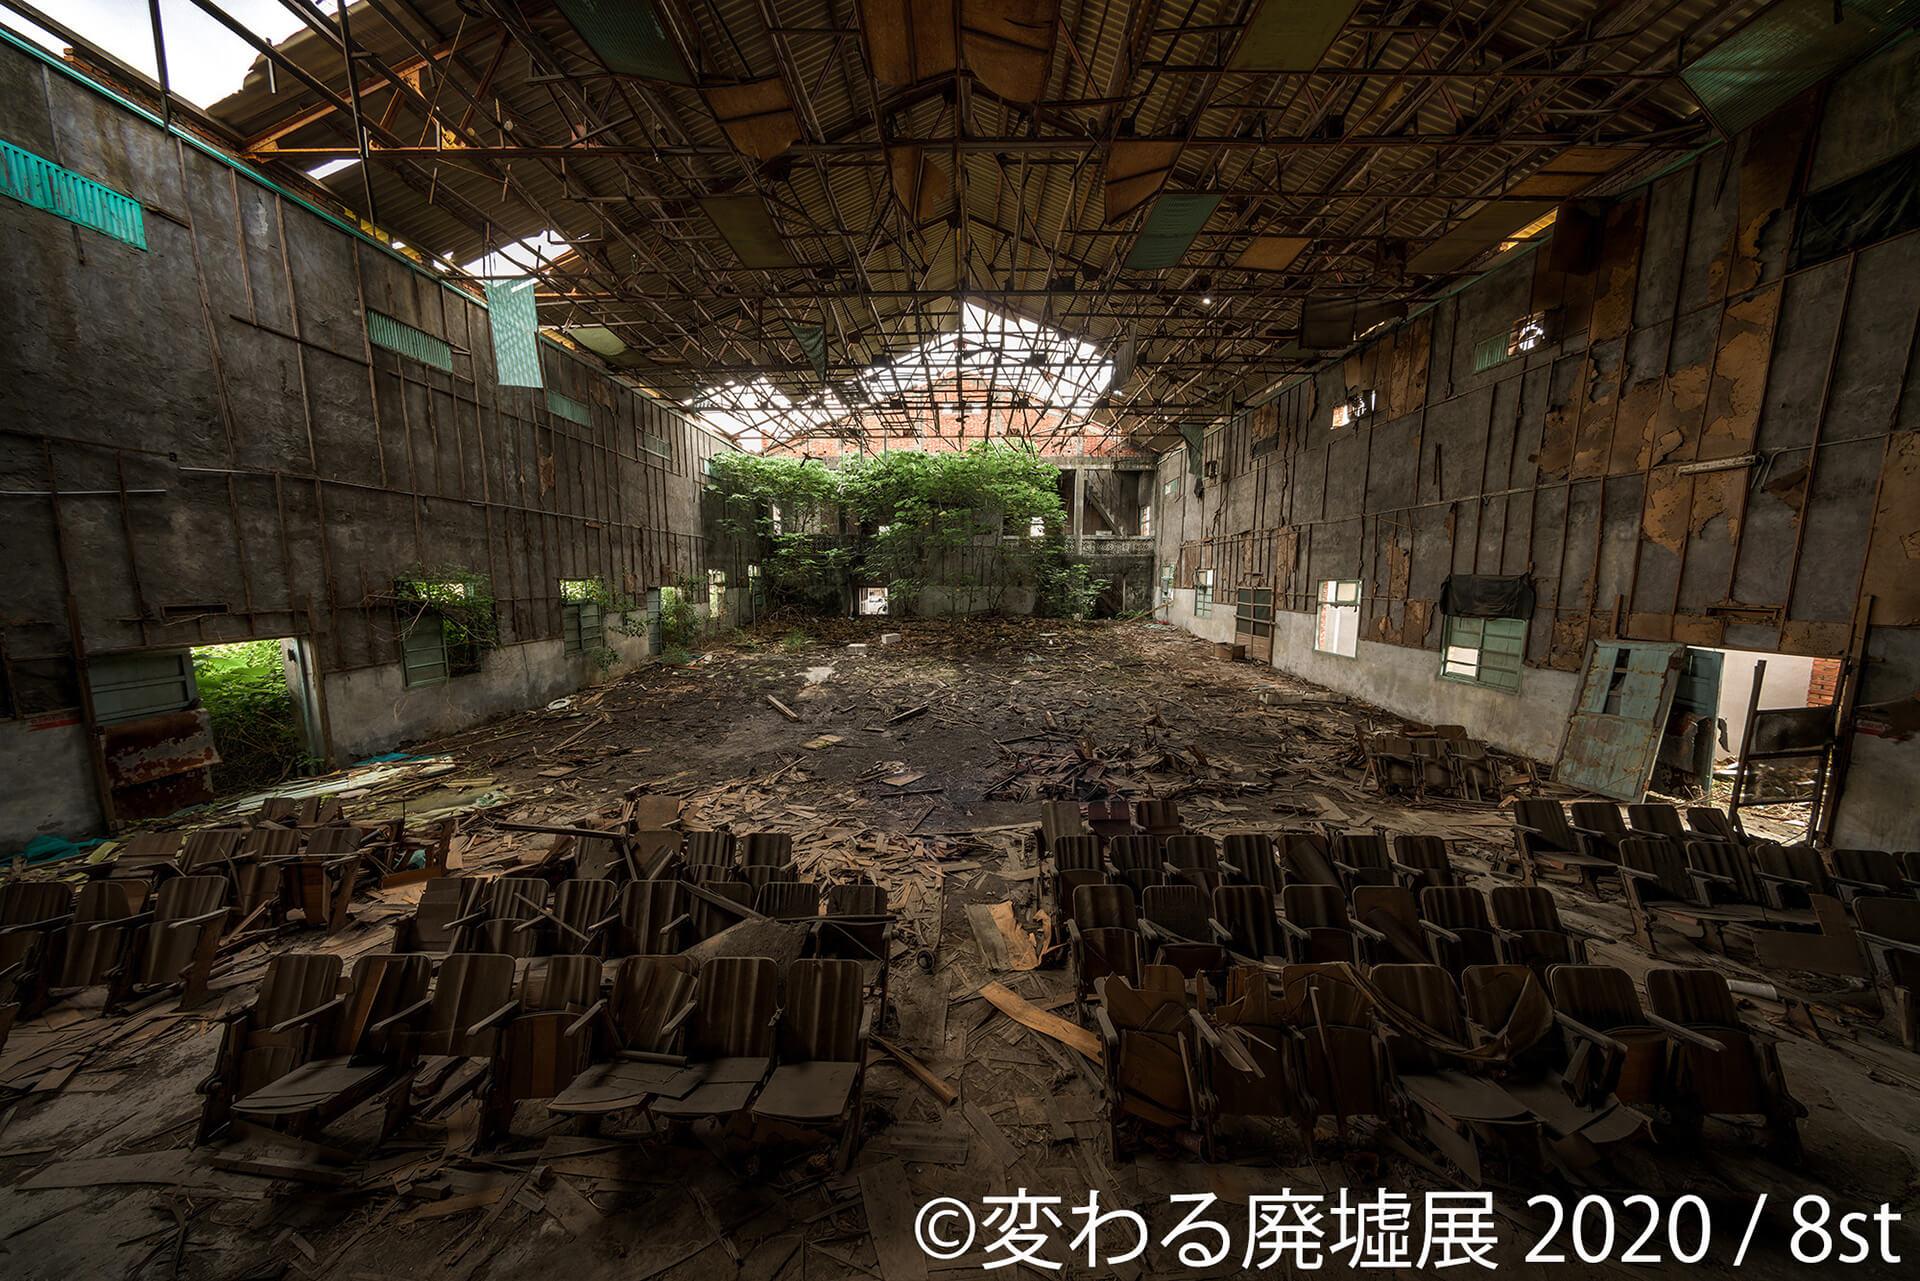 変わる廃墟展 2020・作品